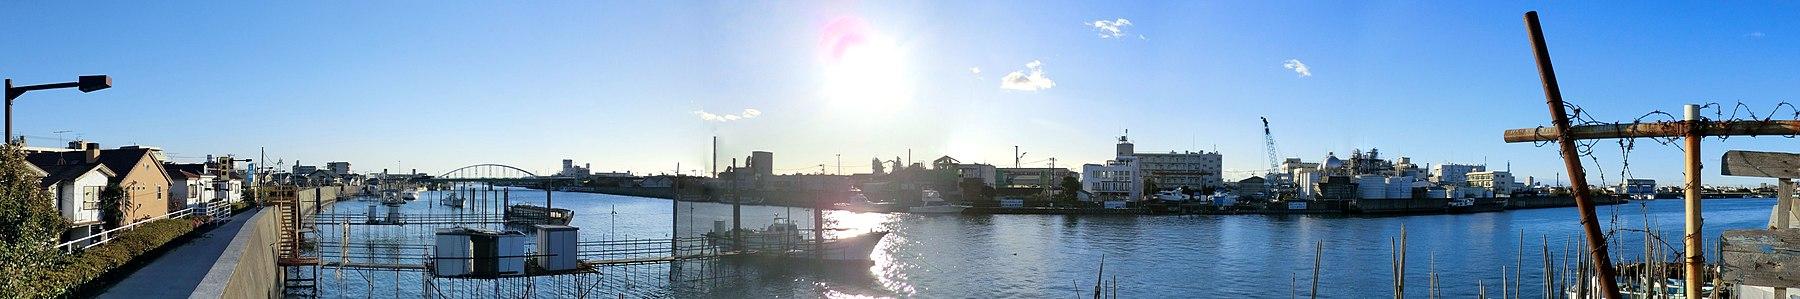 江戸川左岸より撮影 - panoramio (8).jpg